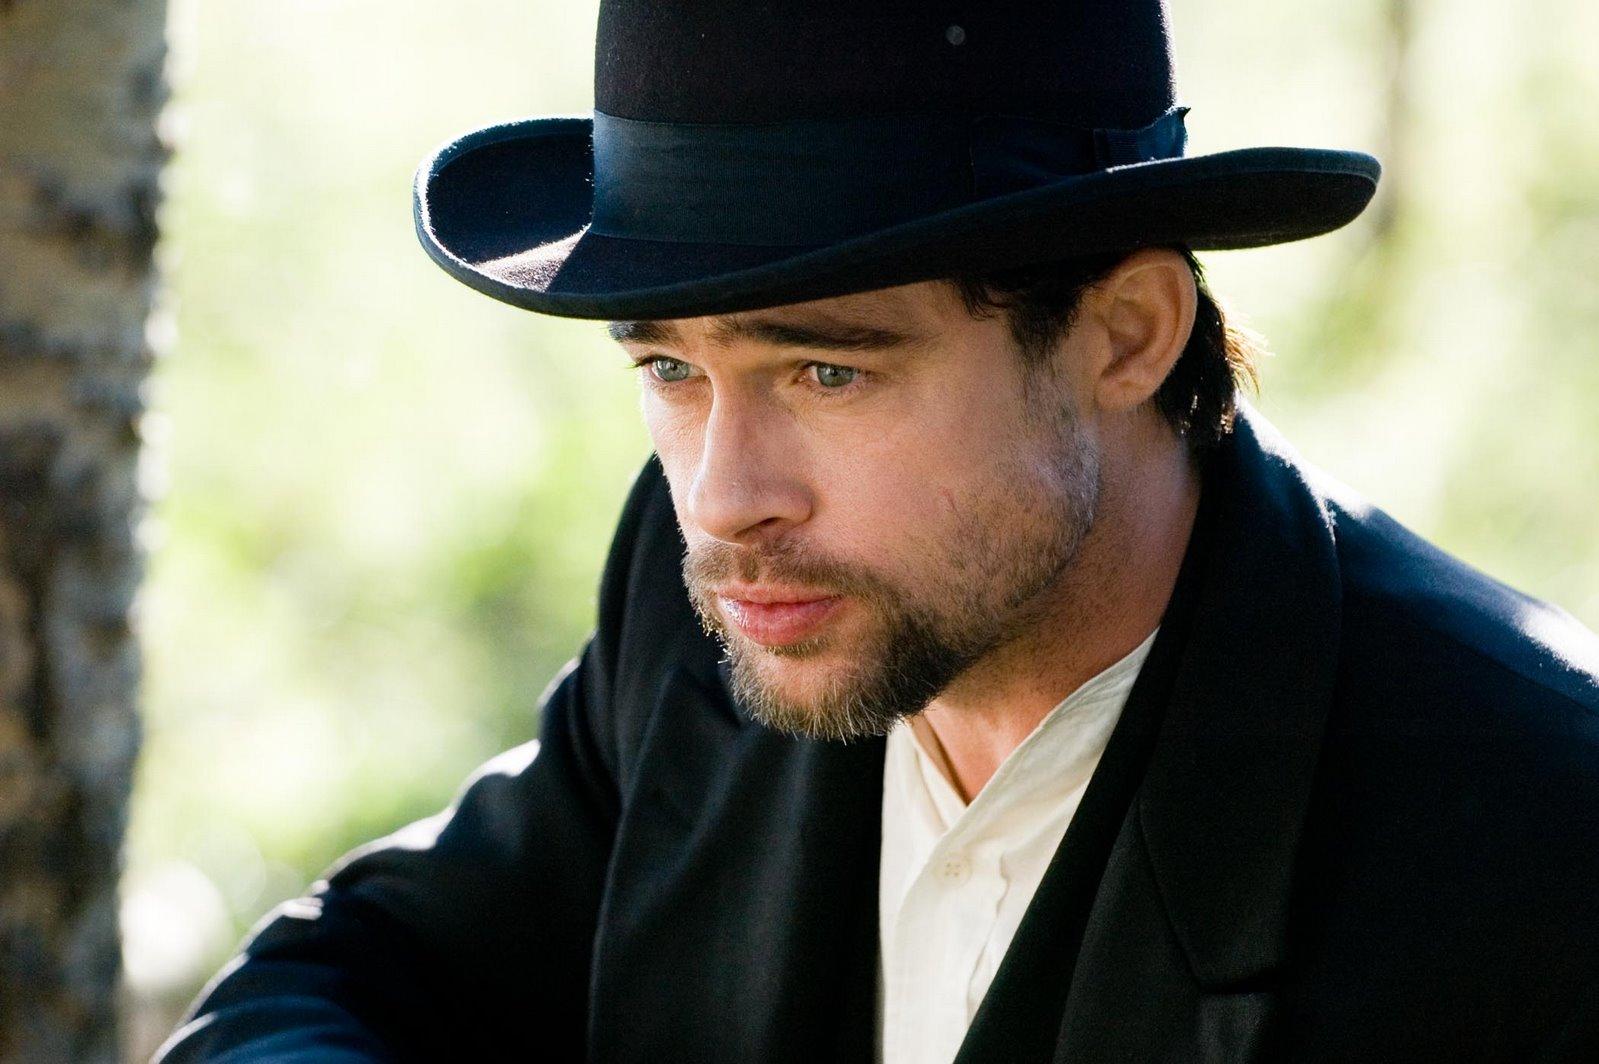 http://2.bp.blogspot.com/_t2NLf0Xf0i4/TPrC8hanQlI/AAAAAAAAJQk/cuoNJPRsL7I/s1600/Assassination-of-Jesse-James-by-the-Coward-Robert-Ford-5-765225.JPG